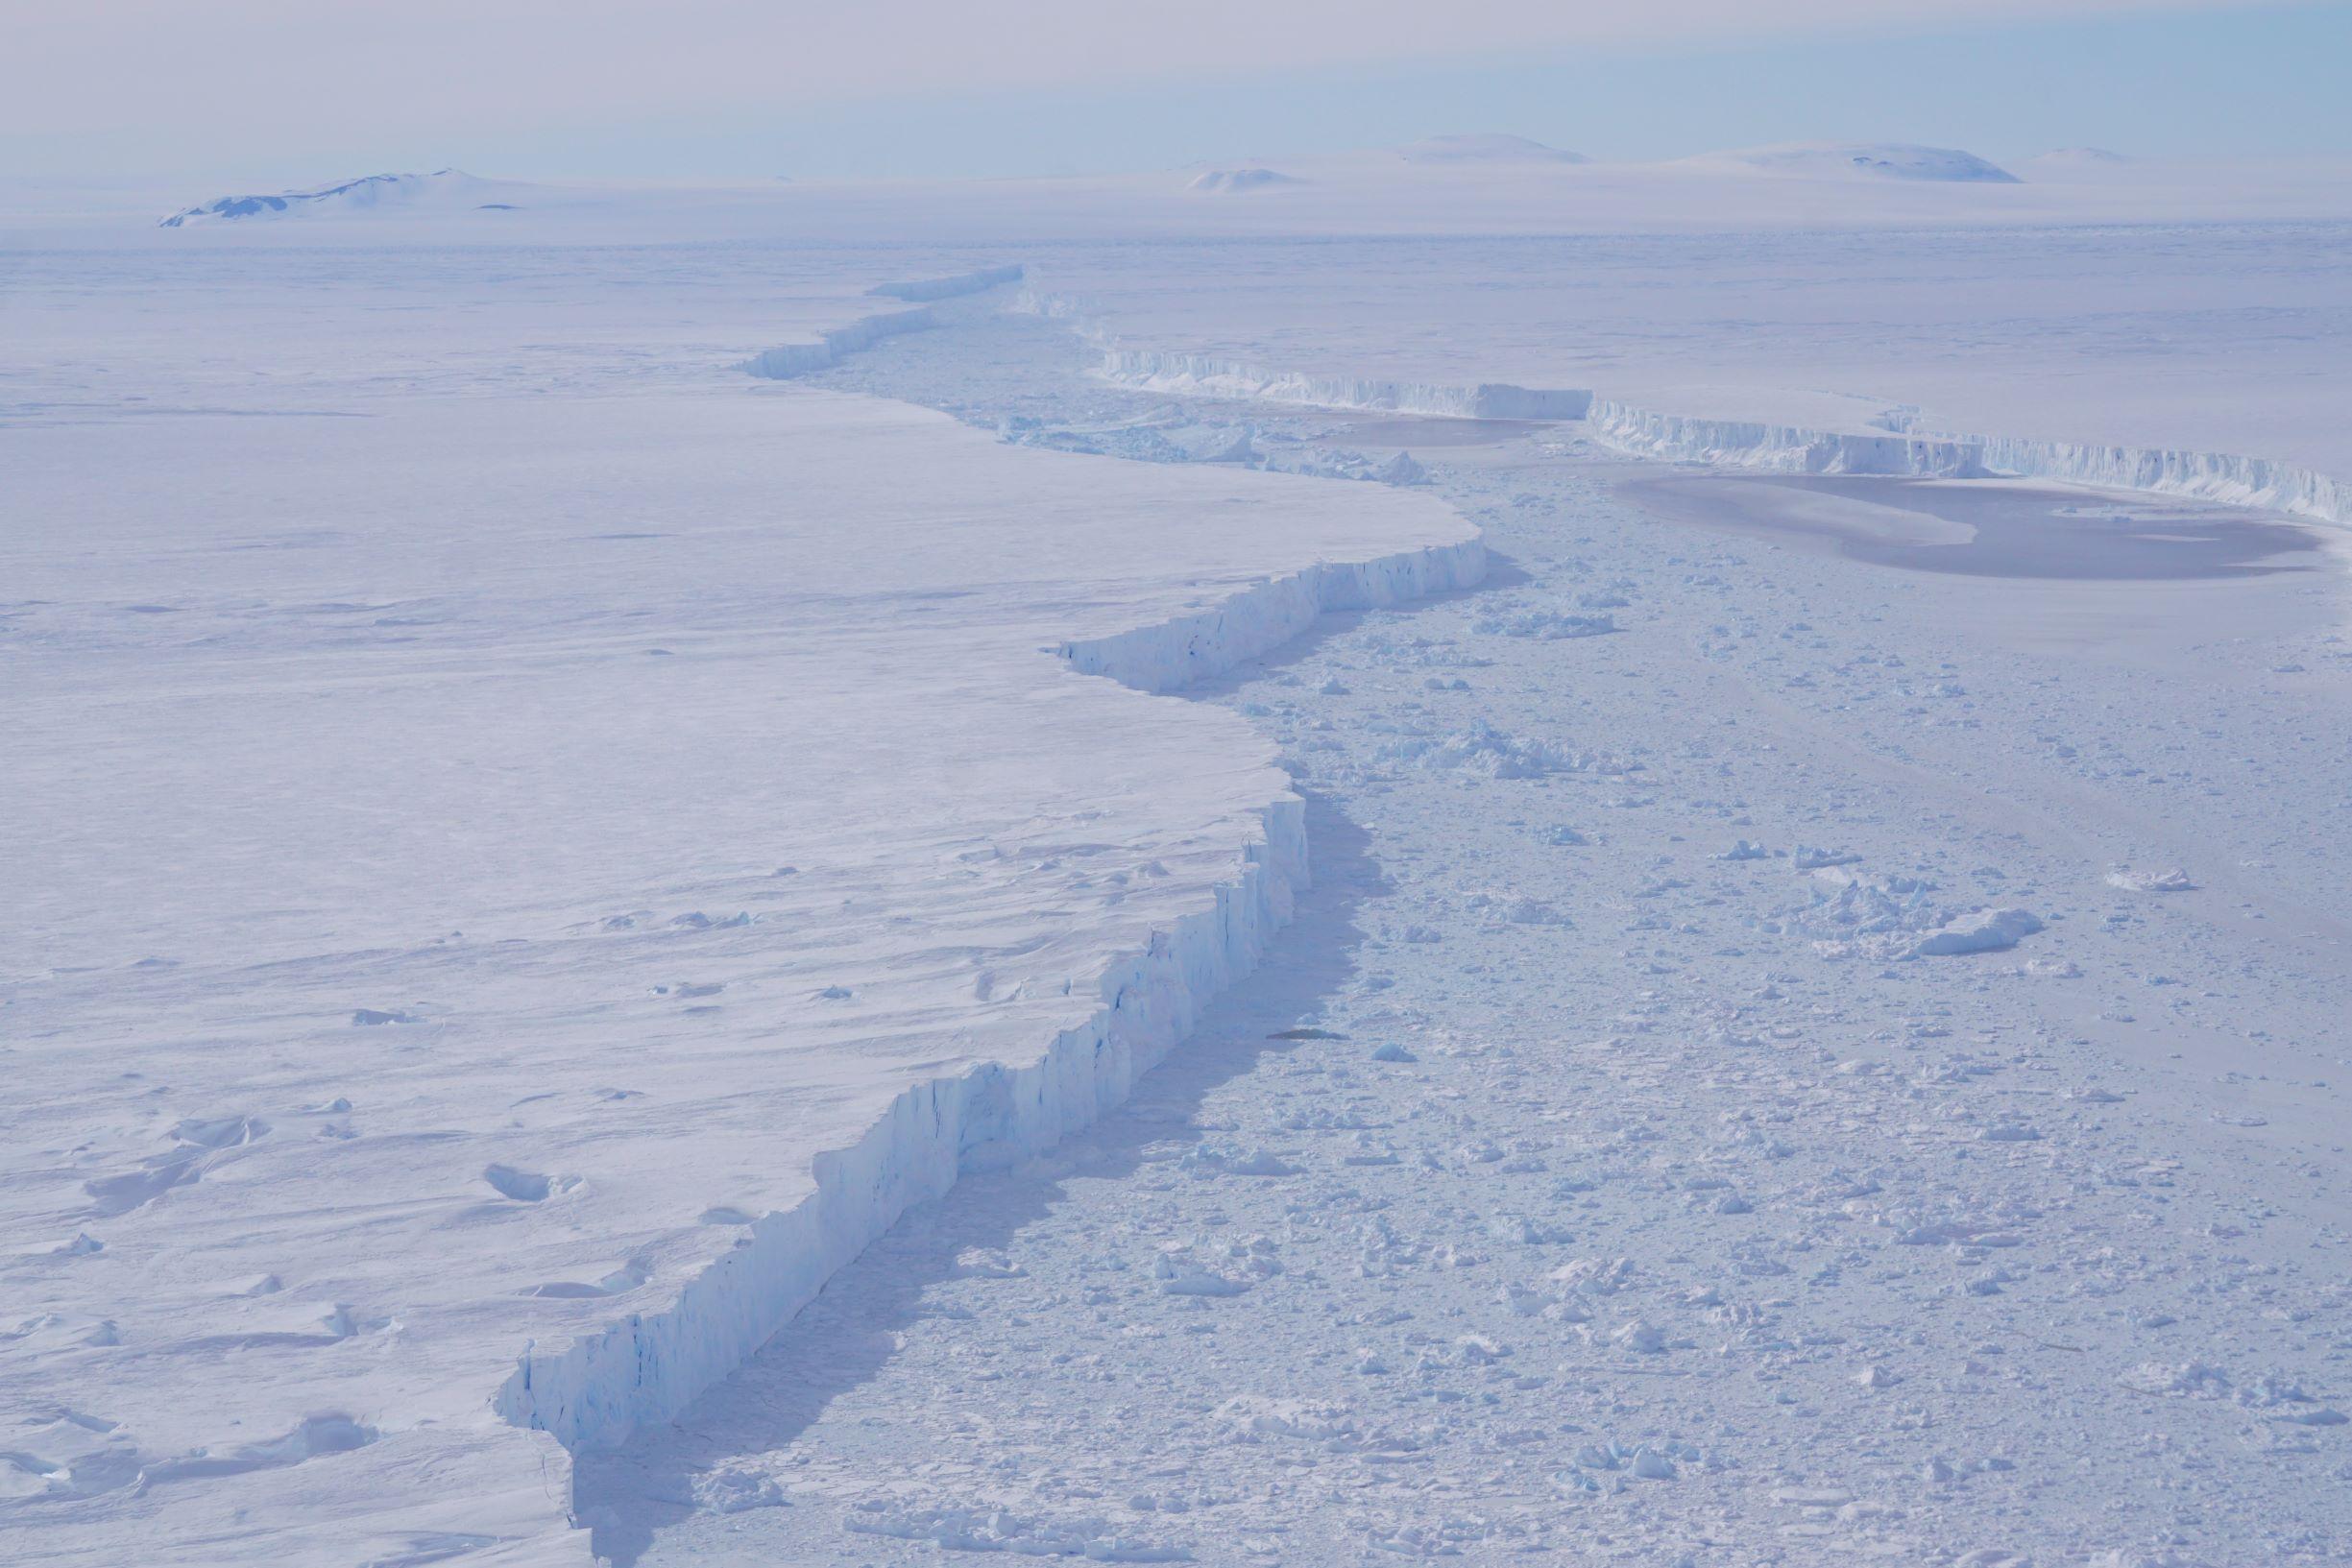 Antartide: colossale iceberg si stacca dalla piattaforma di Pine Island